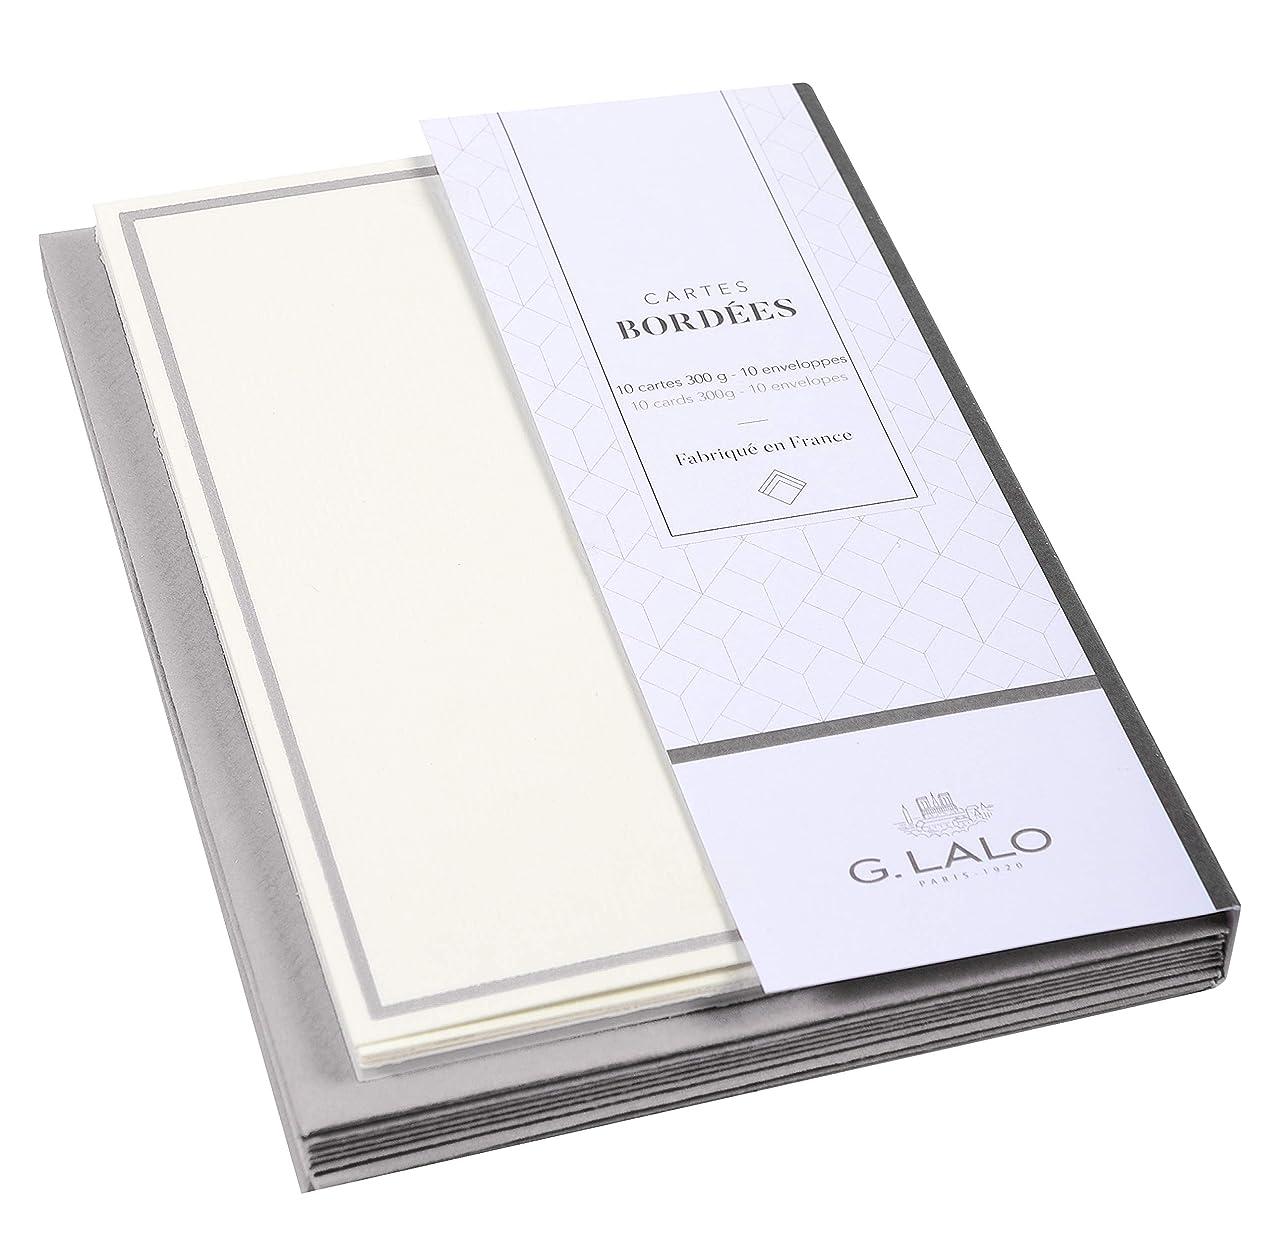 ロケーション製油所薬G.Lalo カードと封筒パック グラファイトグレー